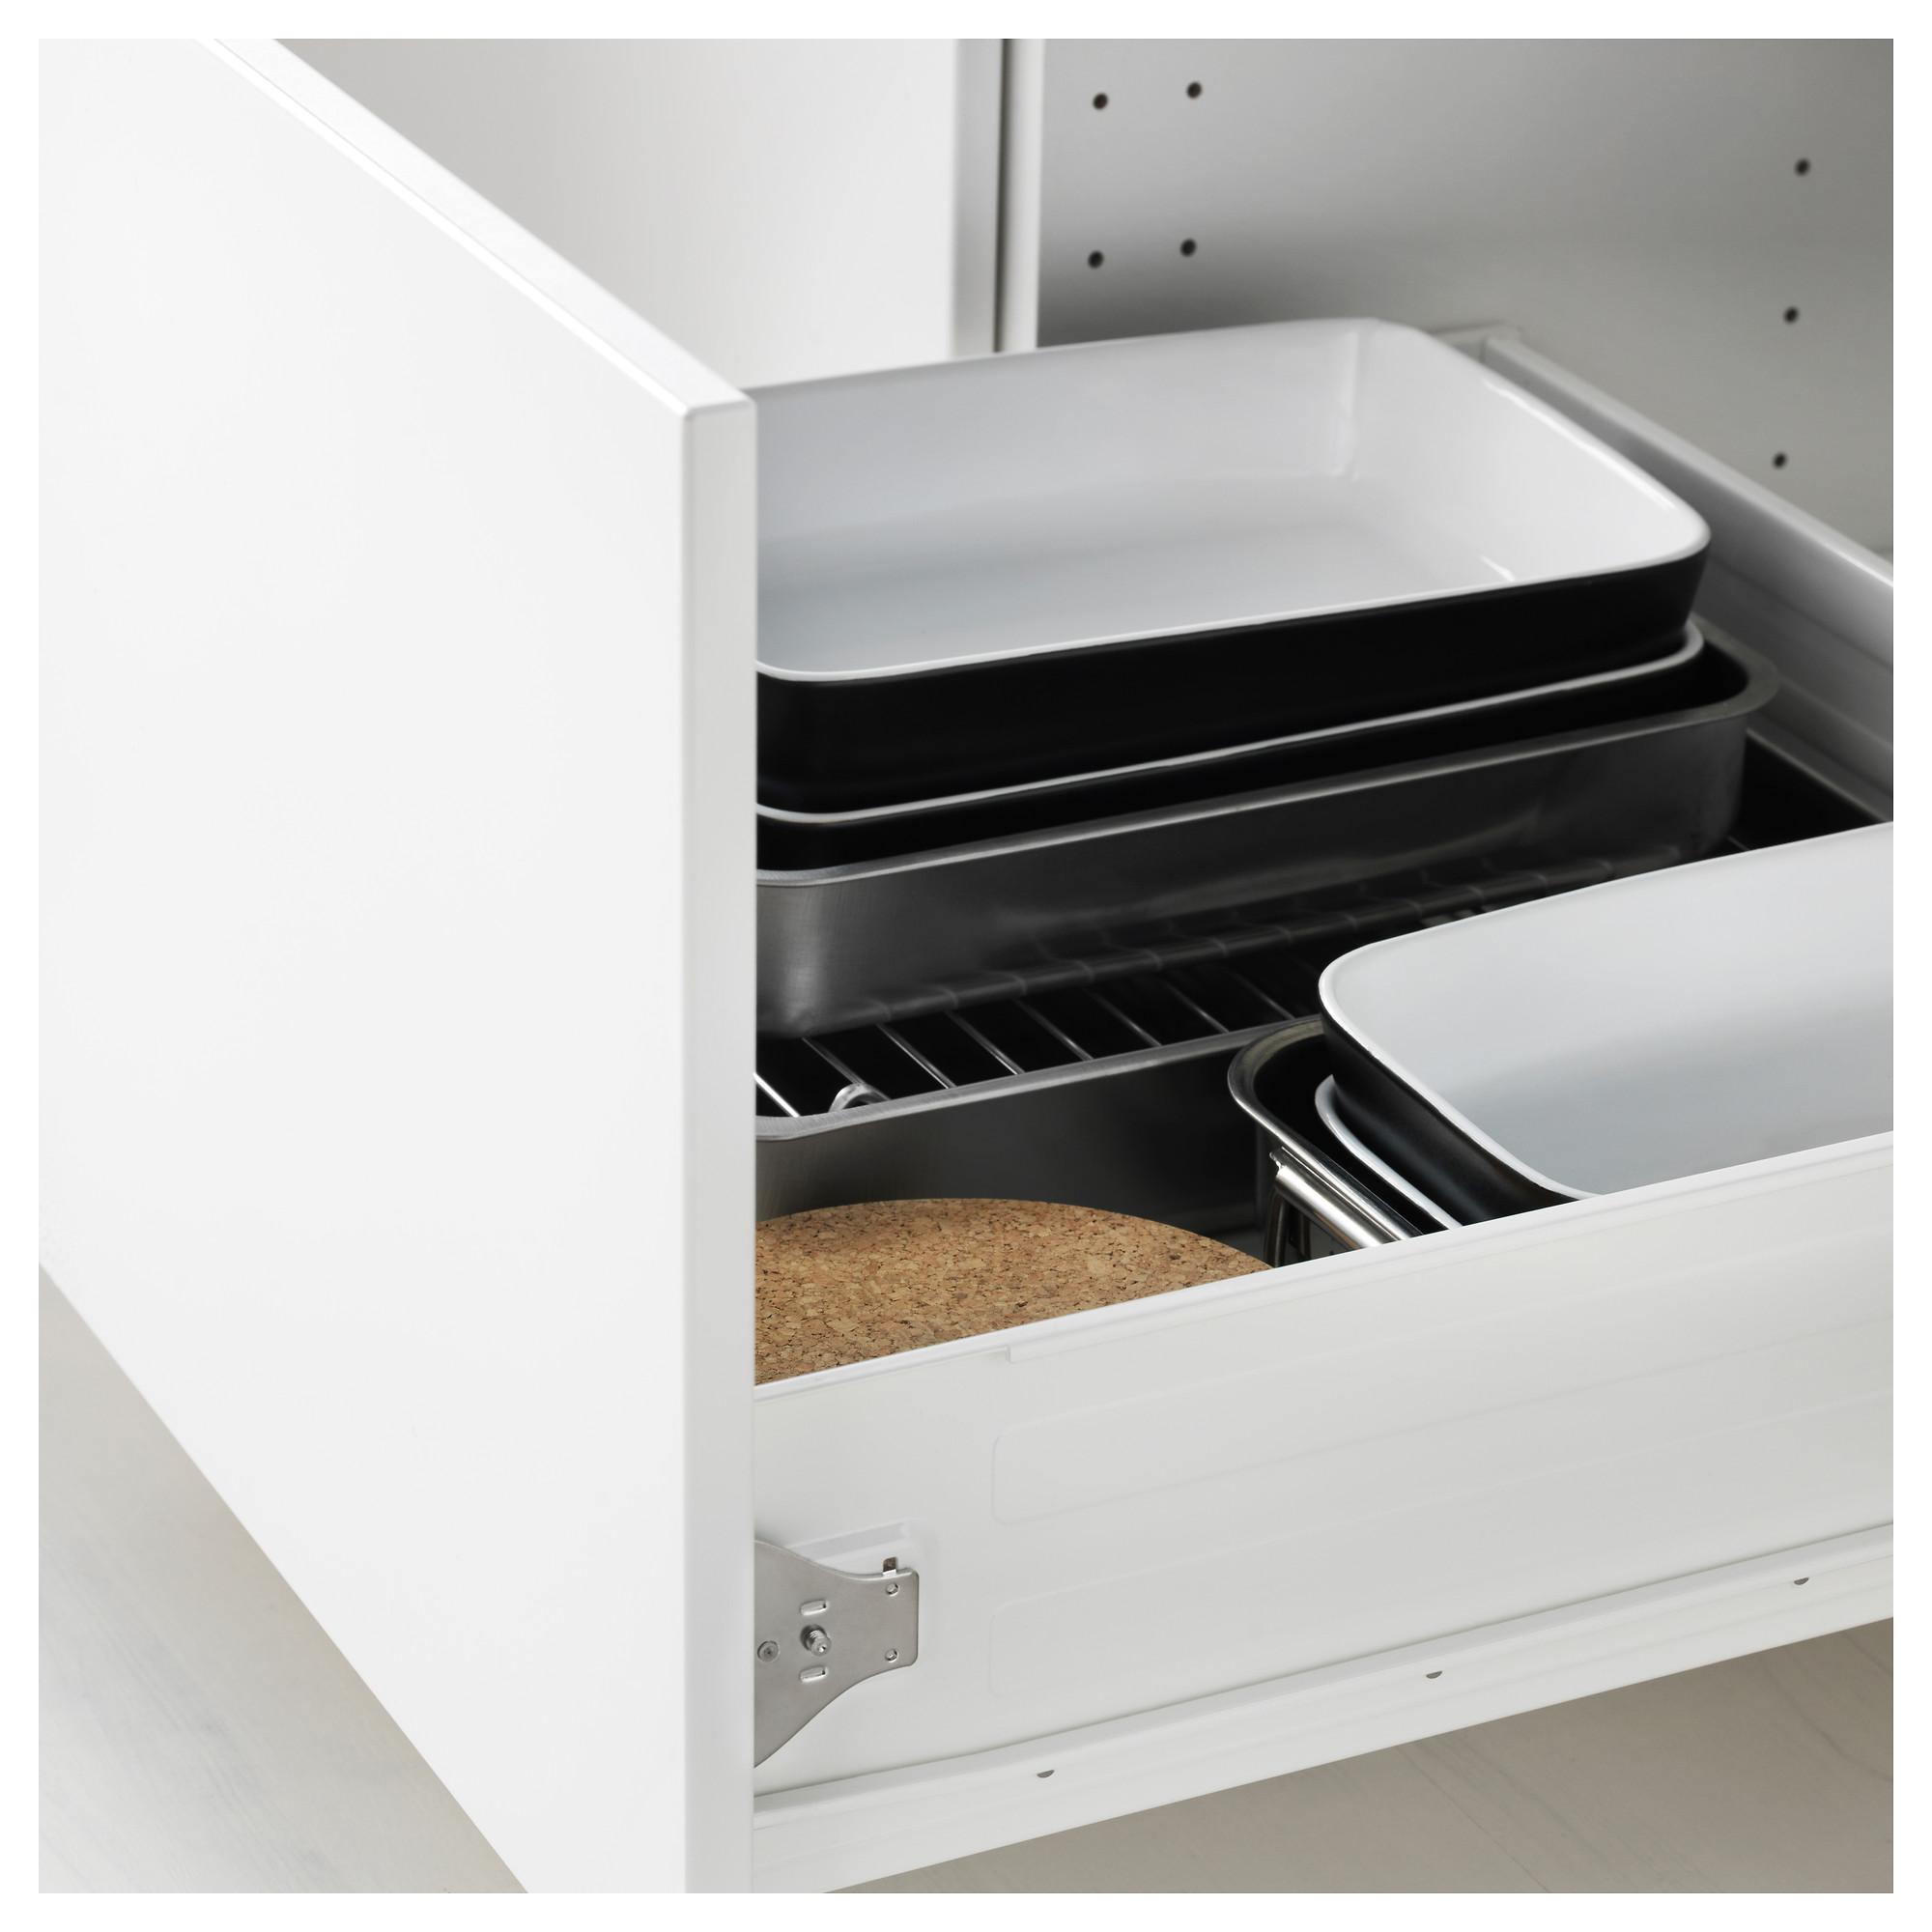 Высокий шкаф для духовки, дверца, 4 ящика МЕТОД / ФОРВАРА белый артикуль № 092.618.37 в наличии. Интернет магазин IKEA РБ. Быстрая доставка и монтаж.